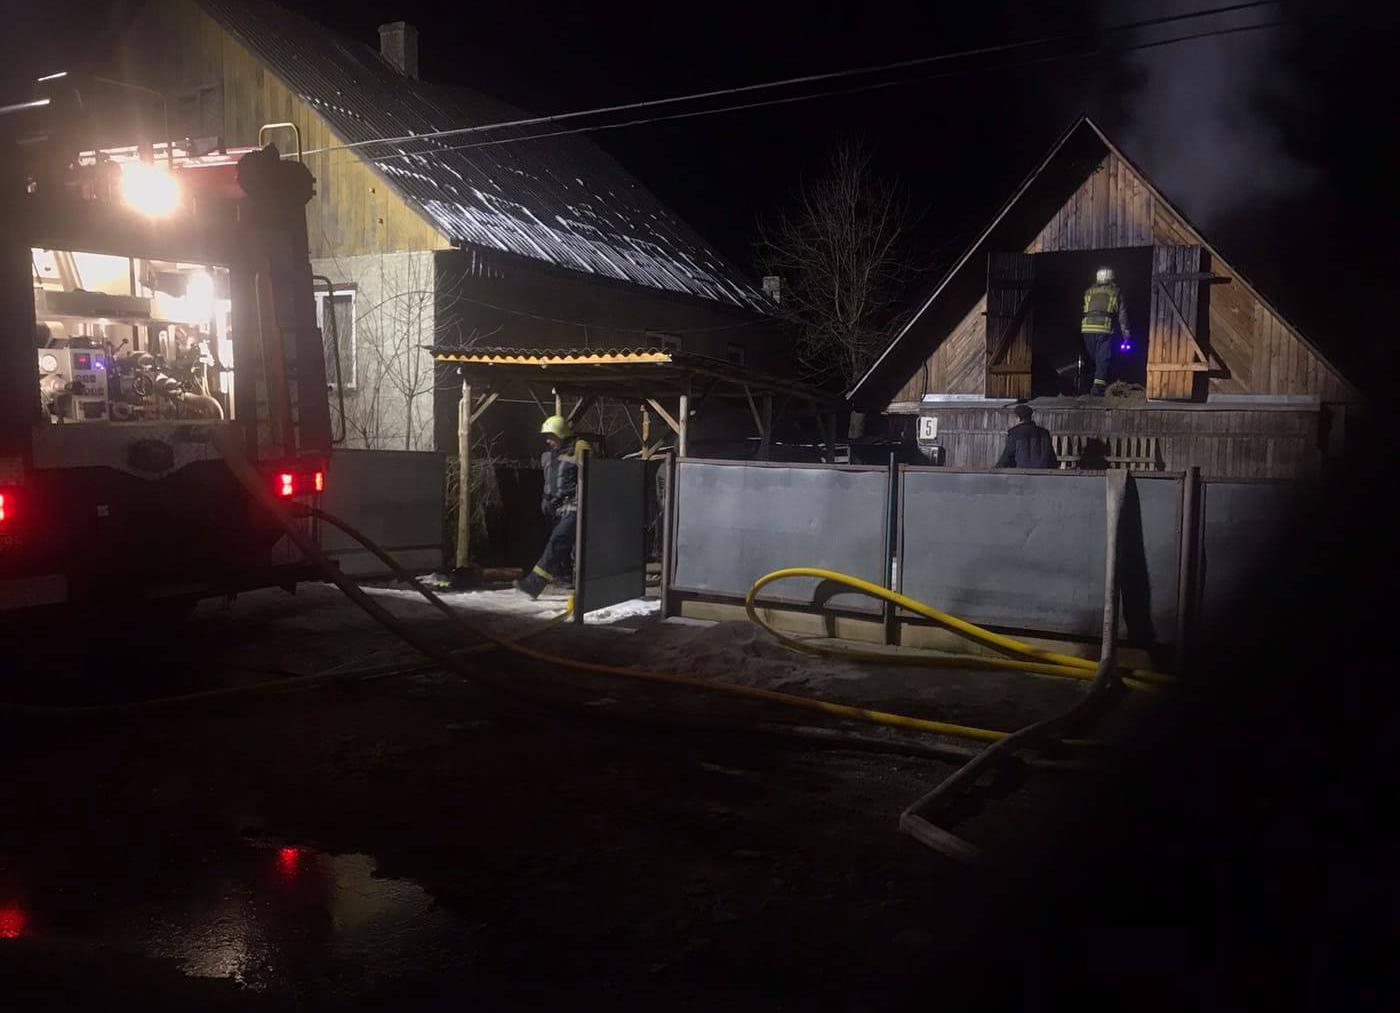 У Міжгір'ї вночі загасили пожежу в хліву, врятувавши від знищення прилеглий будинок